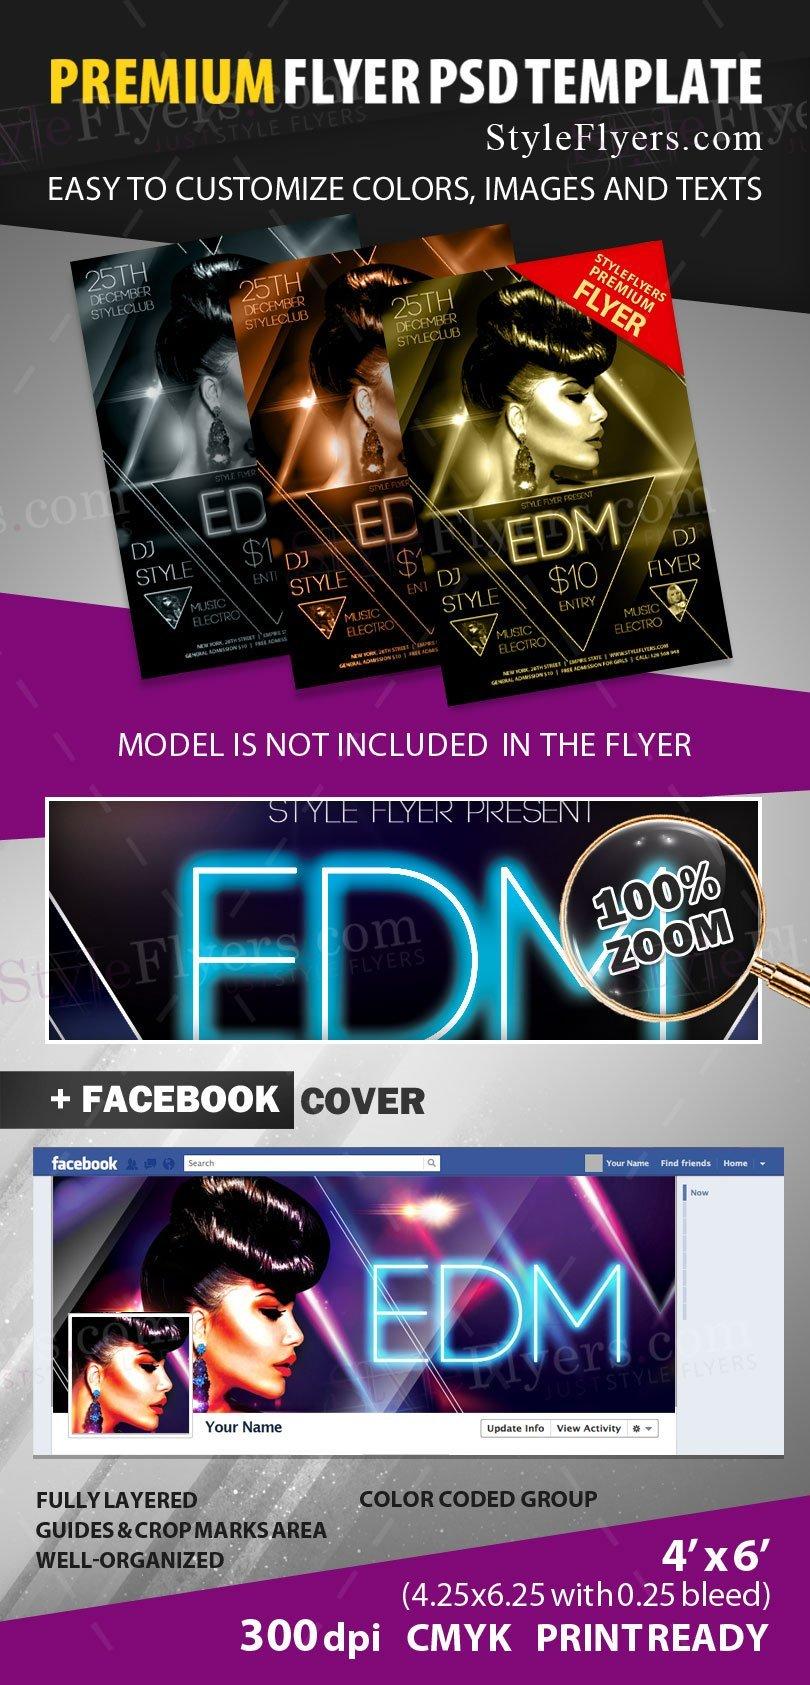 edm-preview_premium